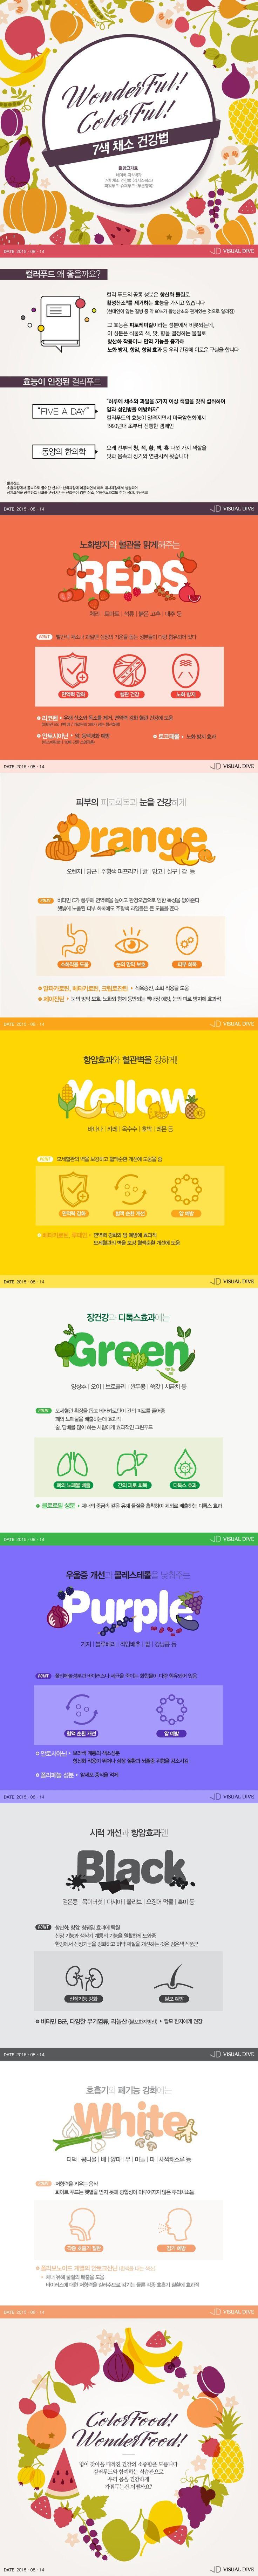 '7색 채소 섭취'로 건강하게 사는 법 [인포그래픽] #Food / #Infographic ⓒ 비주얼다이브 무단 복사·전재·재배포 금지